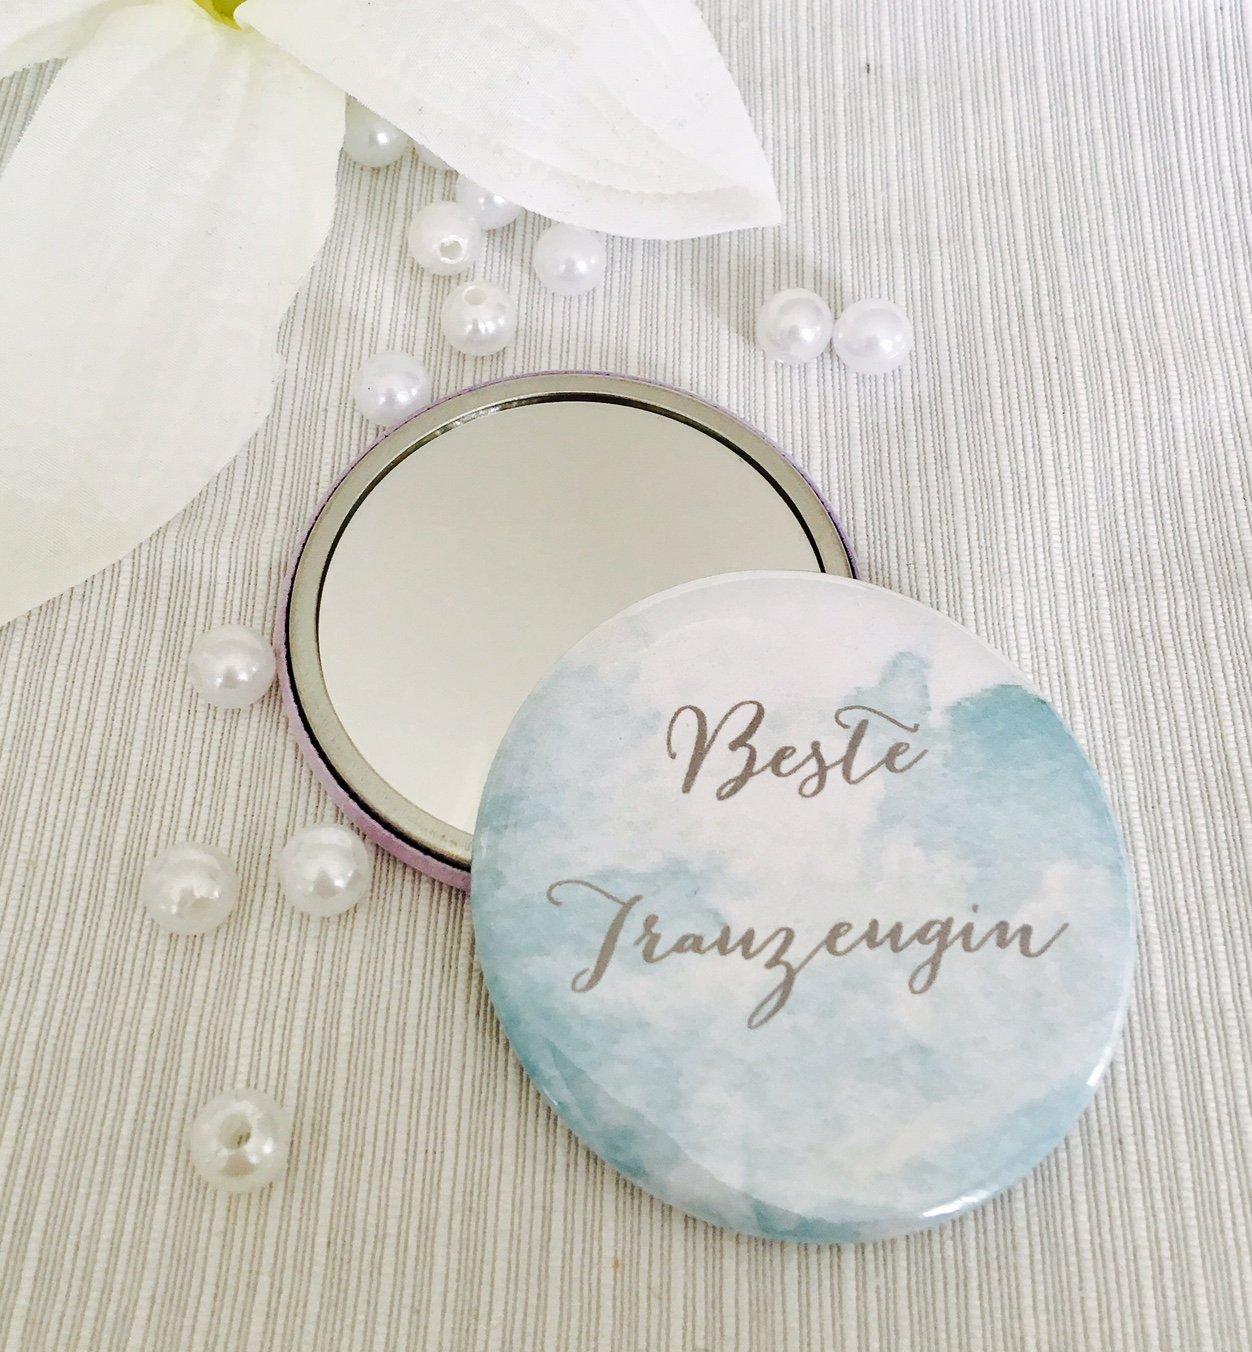 Miroir à main Miroir de poche bouton meilleure Alliance zeugin pour votre mariage, cadeau idéal, mariage, miroir Buntermix